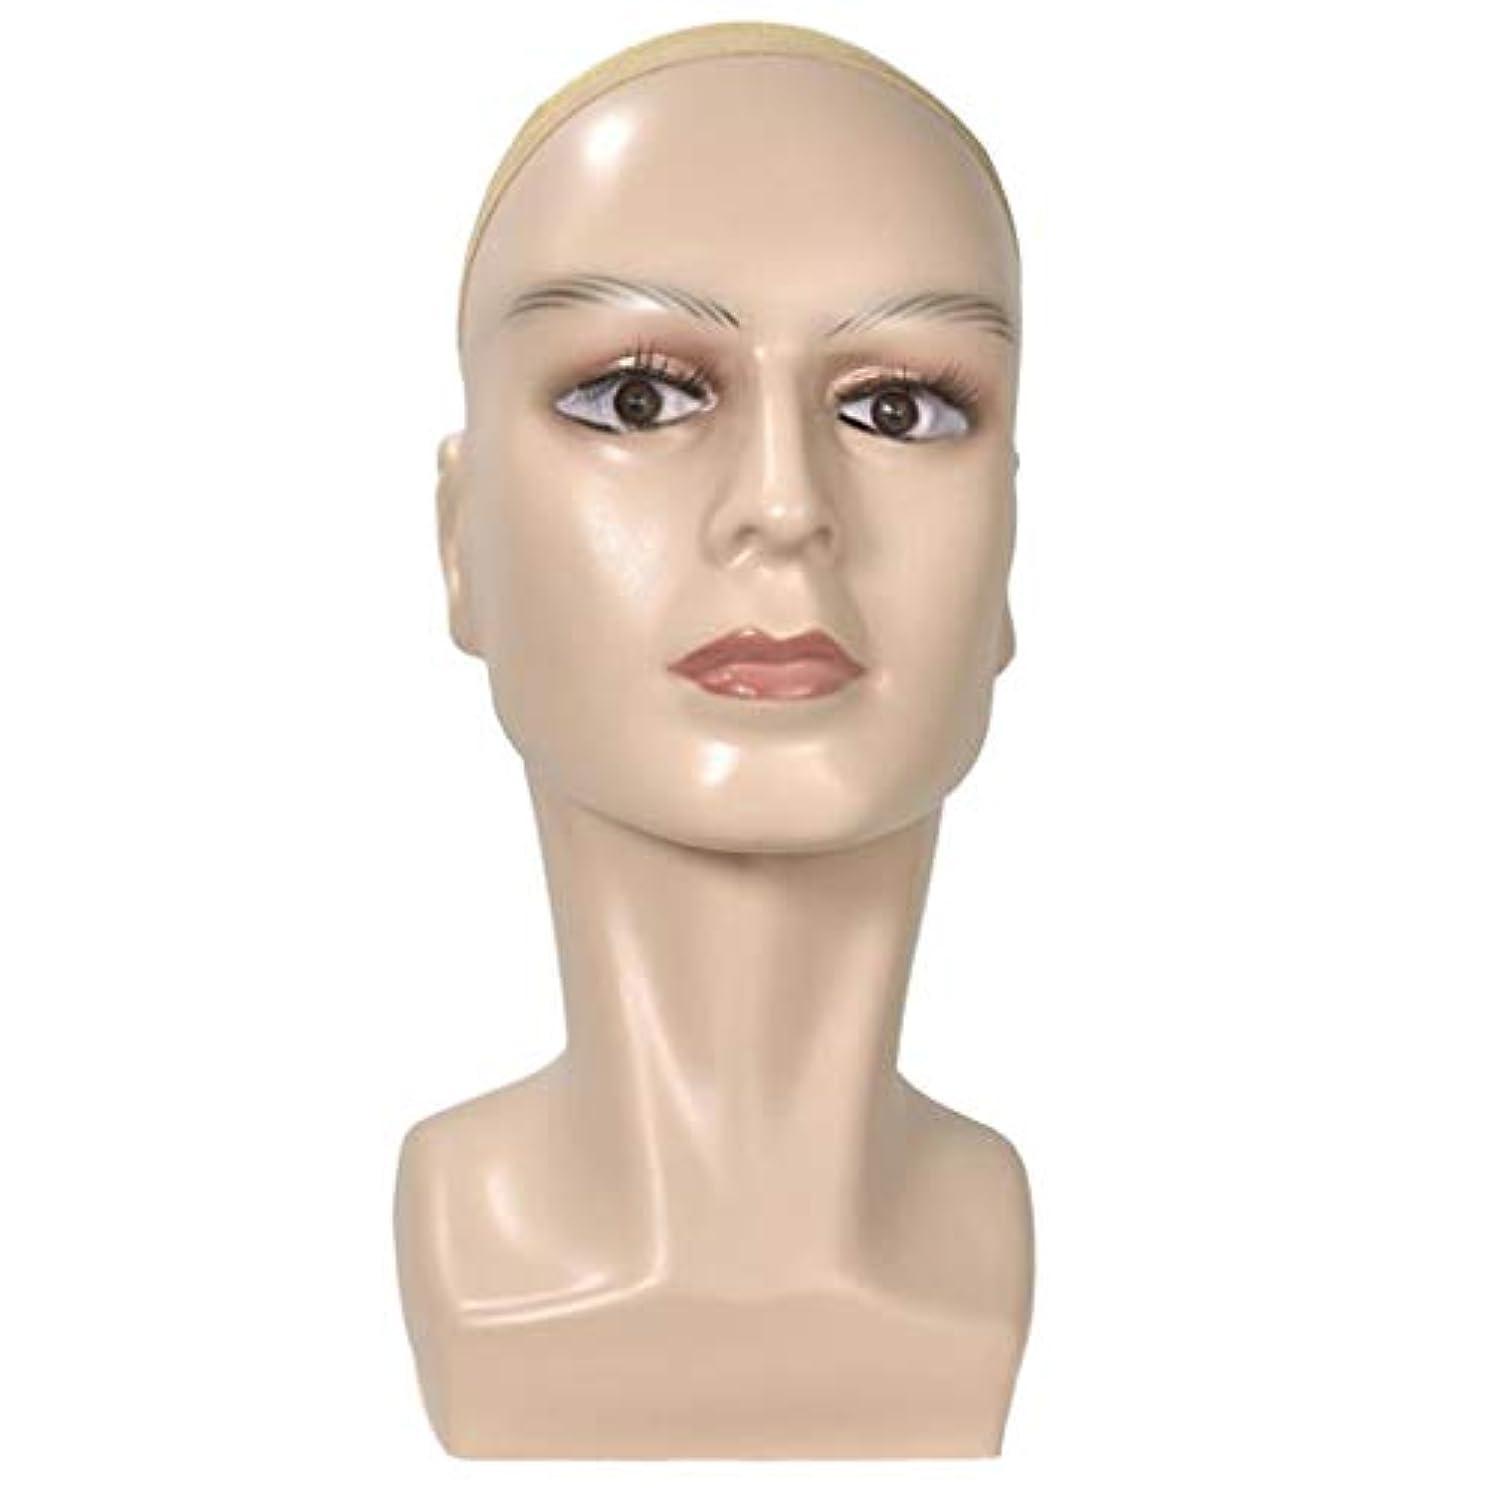 支給ピッチ注入マネキンヘッド メイク ウィッグ リアルな 女性 ライフサイズ かつら 帽子 ディスプレイ 全2色 - 肌の色